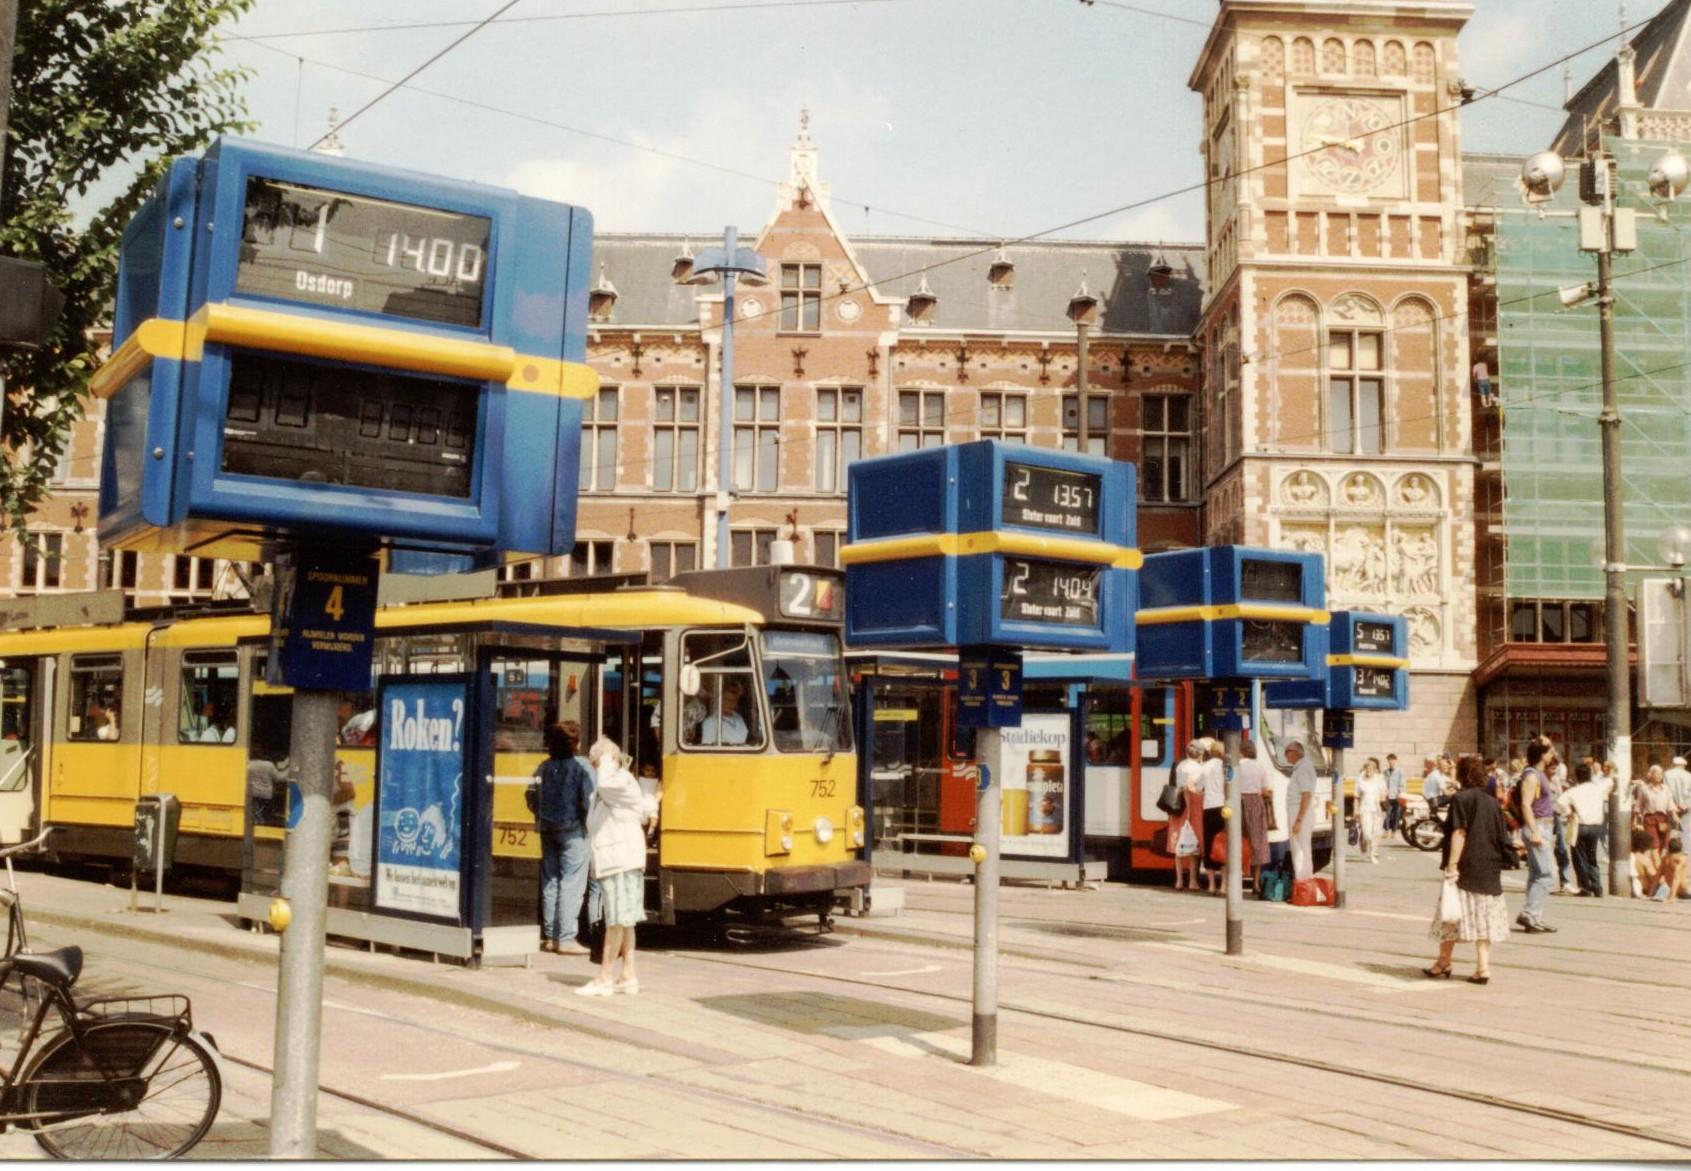 Tram station, Amsterdam, 199x.